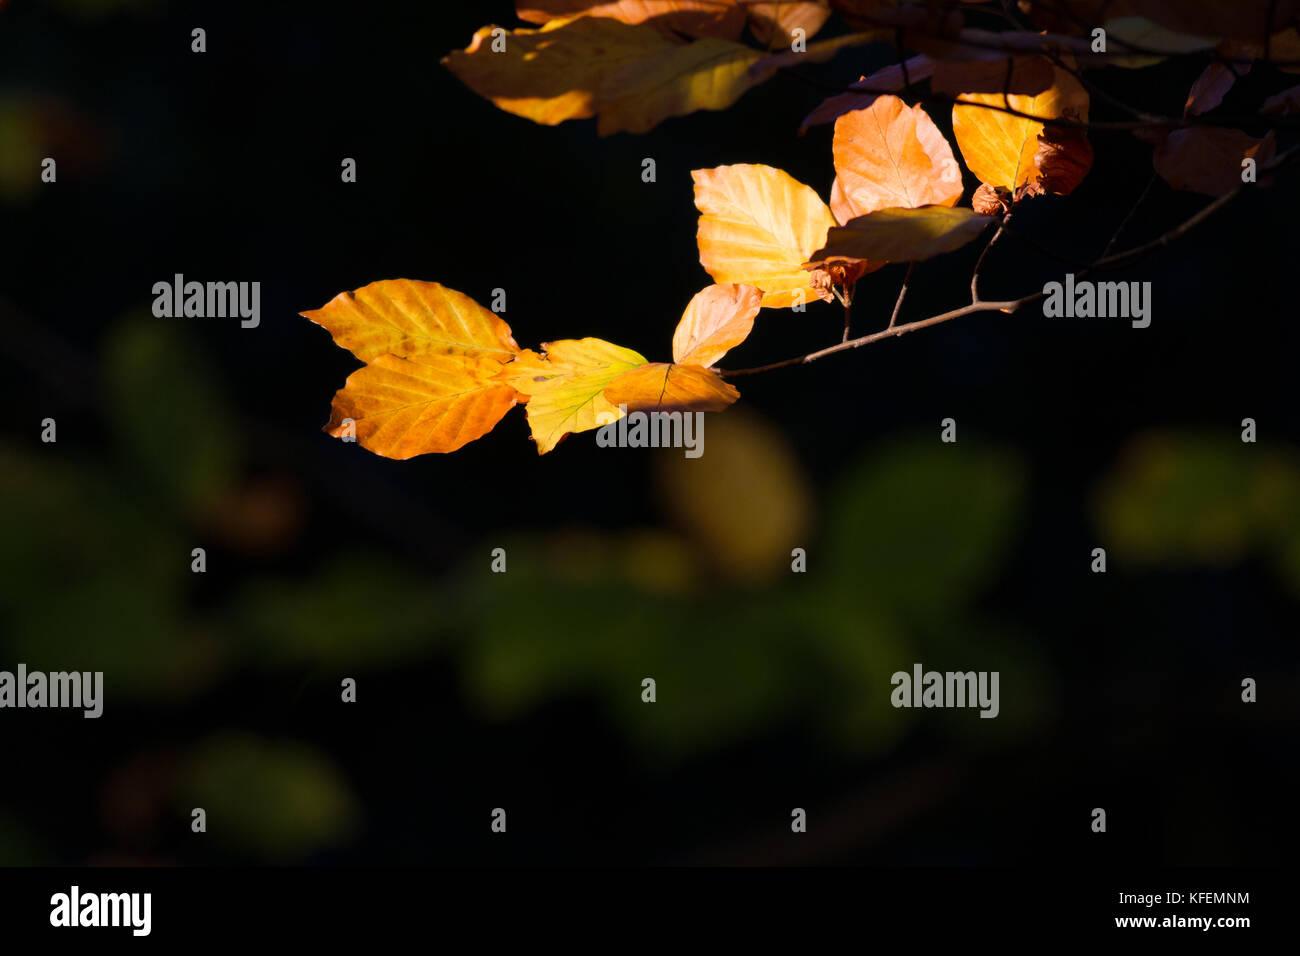 Saisons: automne feuilles isolées dans les bois par la lumière du soleil Photo Stock